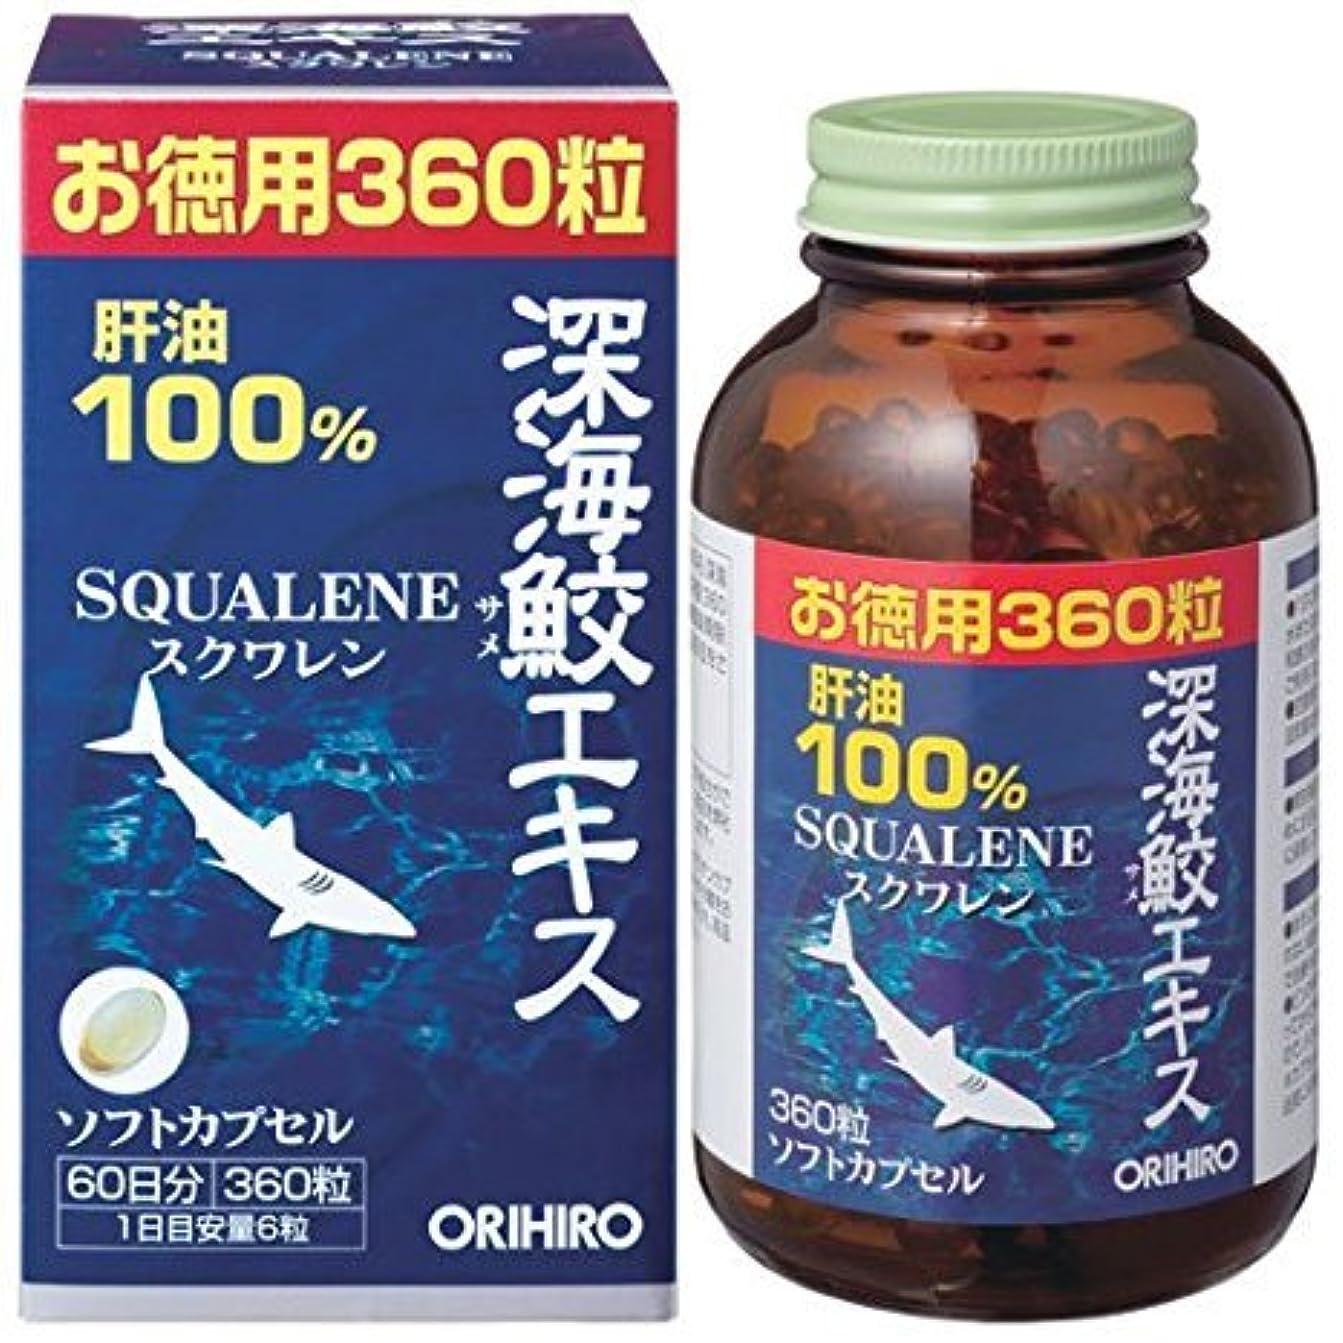 曖昧な唯物論再発するオリヒロ 深海鮫エキスカプセル徳用(360粒)3個セット